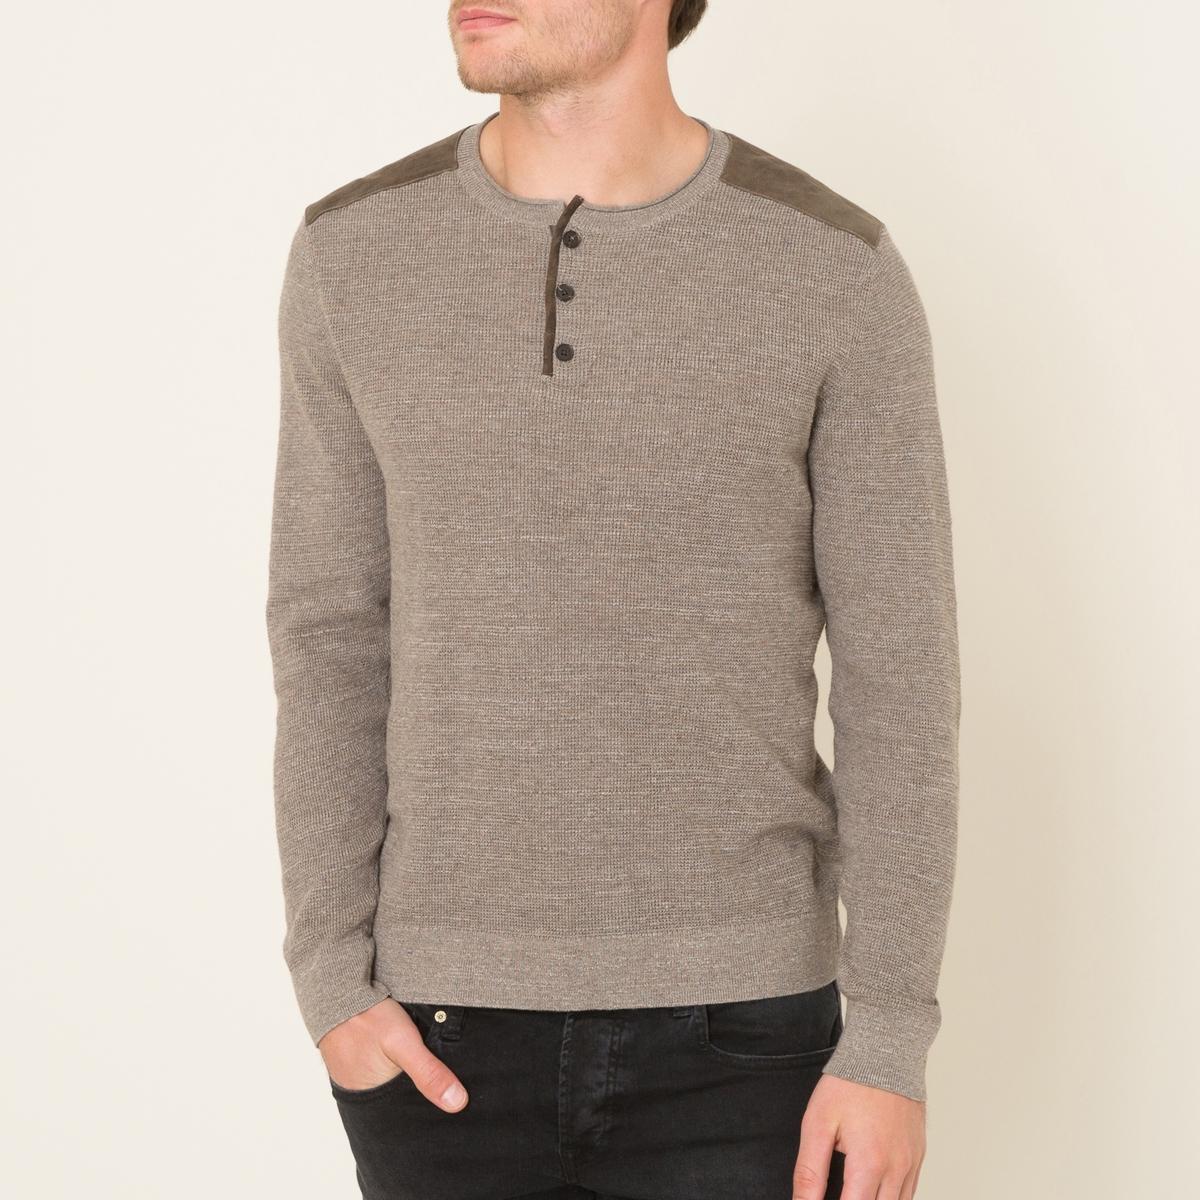 Пуловер с круглым вырезом и разрезом спередиСостав и описание   Материал : 100% хлопок   Вставки : 100% козья кожа   Марка : THE KOOPLES<br><br>Цвет: бежевый